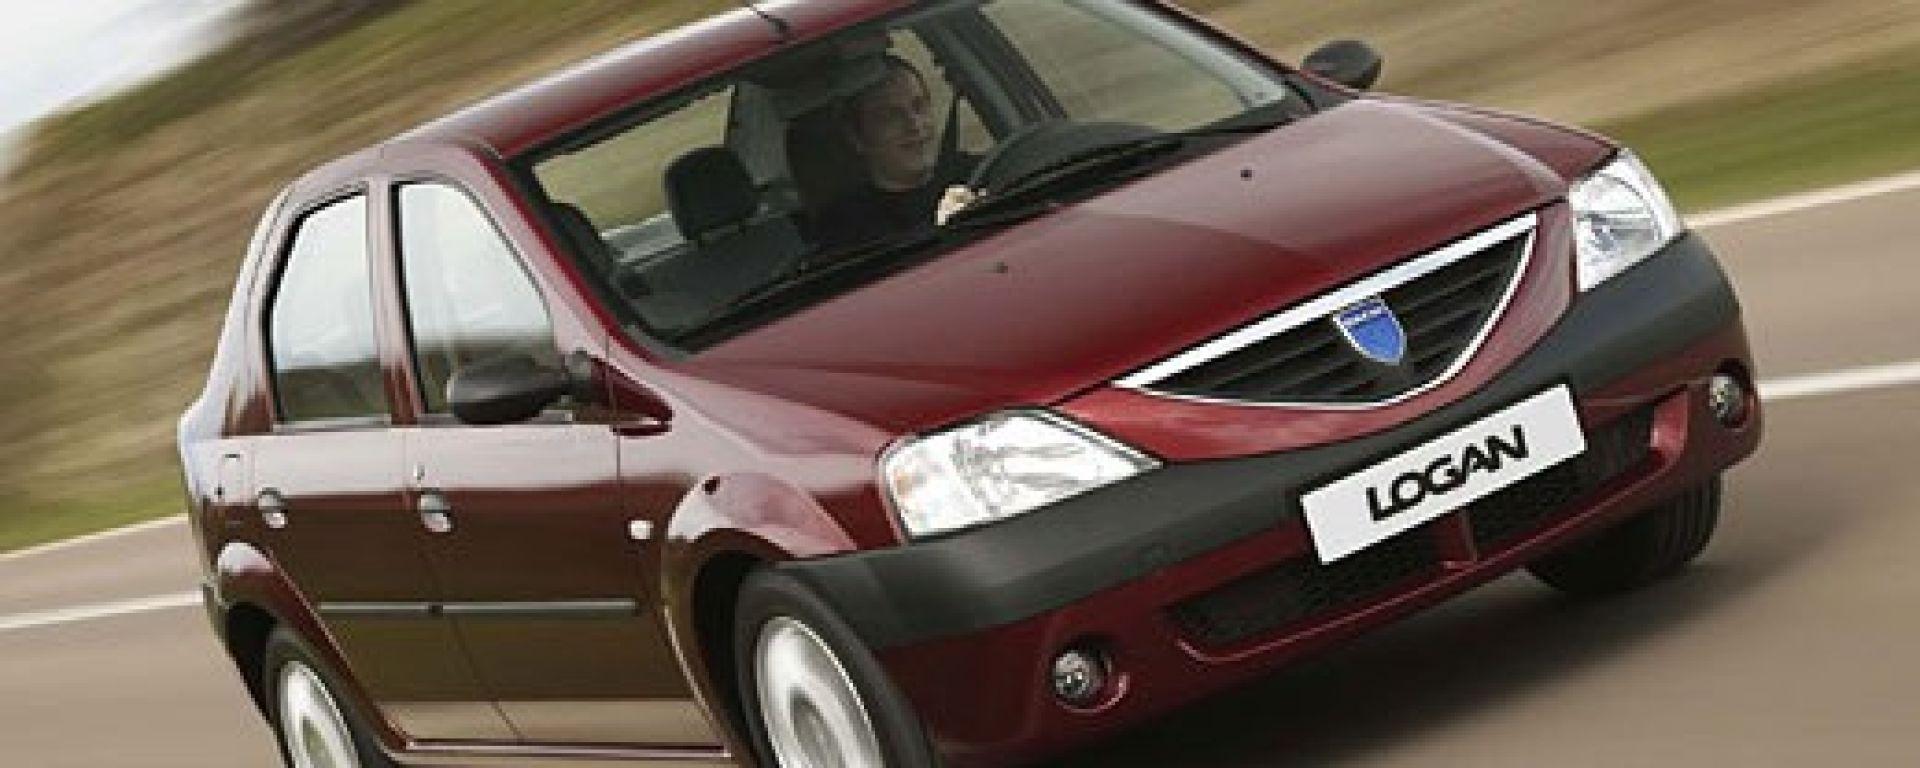 Il prezzo vero della Dacia Logan